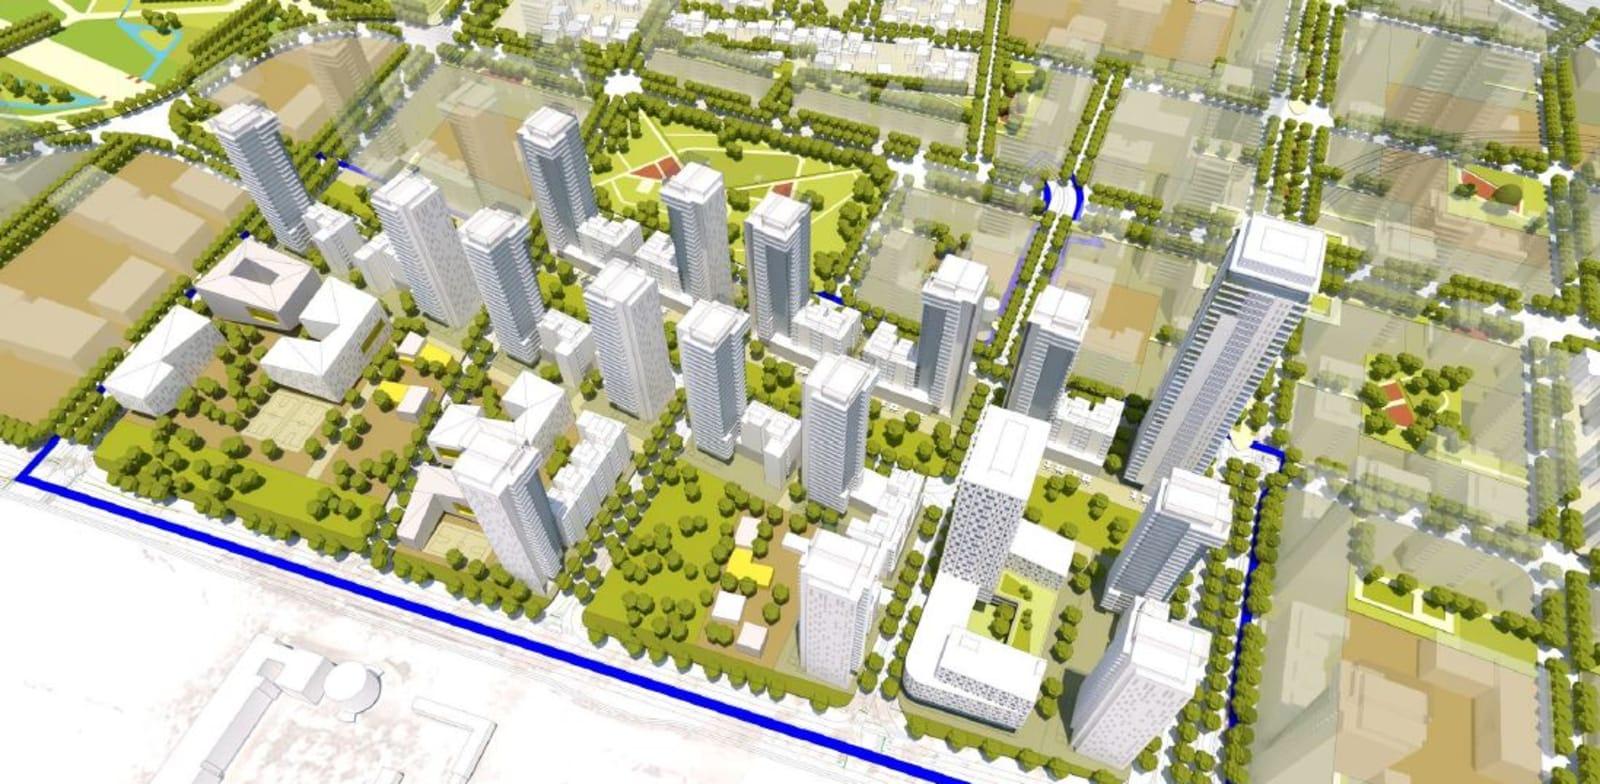 שכונת מגורים חדשה במתחם שדה התעופה הרצליה שעתיד להתפנות / הדמיה: פרחי צפריר אדריכלים